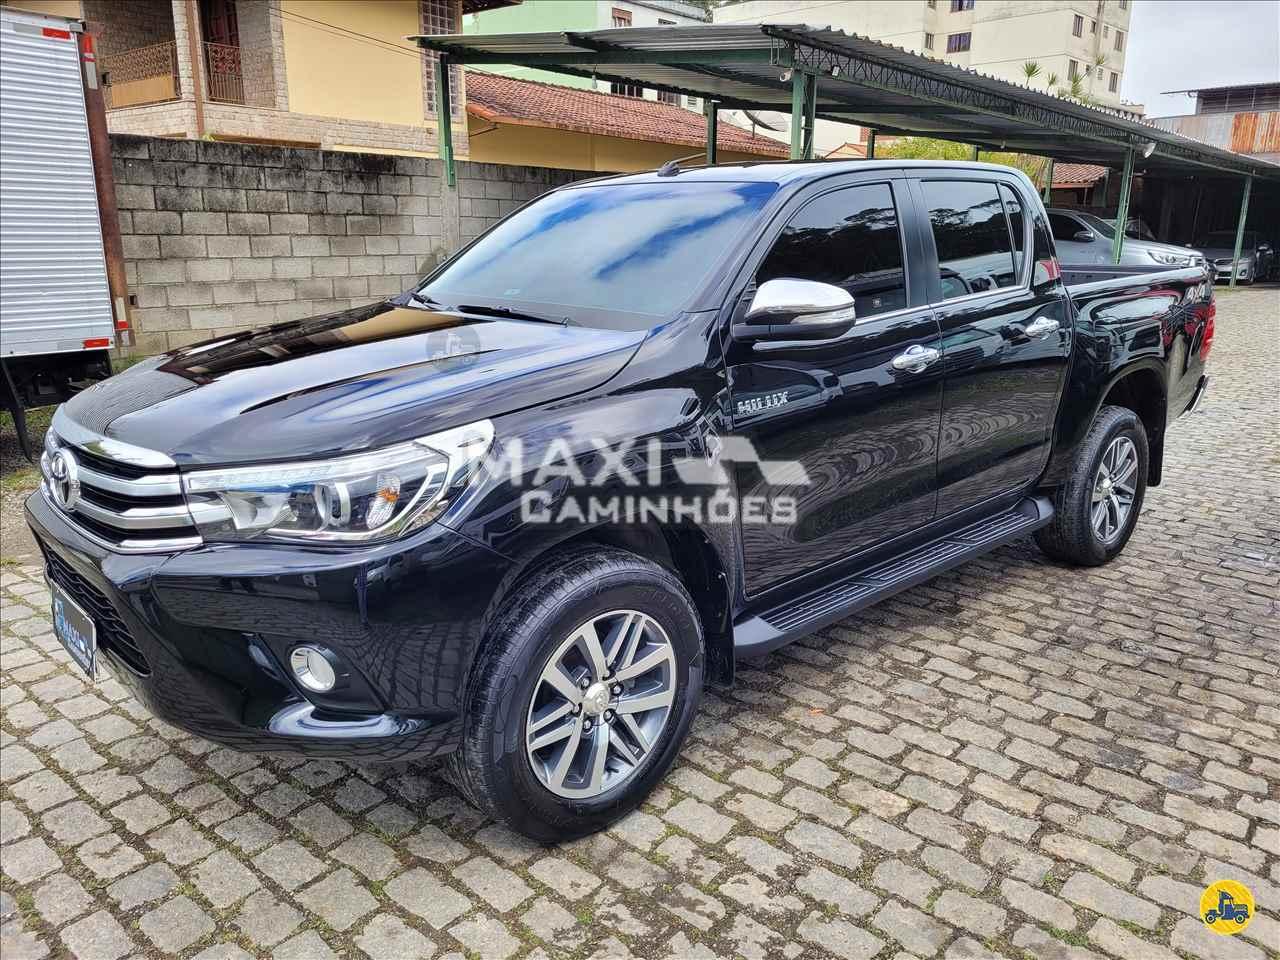 CARRO TOYOTA Hilux 2.8 SRX Maxi Caminhões TERESOPOLIS RIO DE JANEIRO RJ